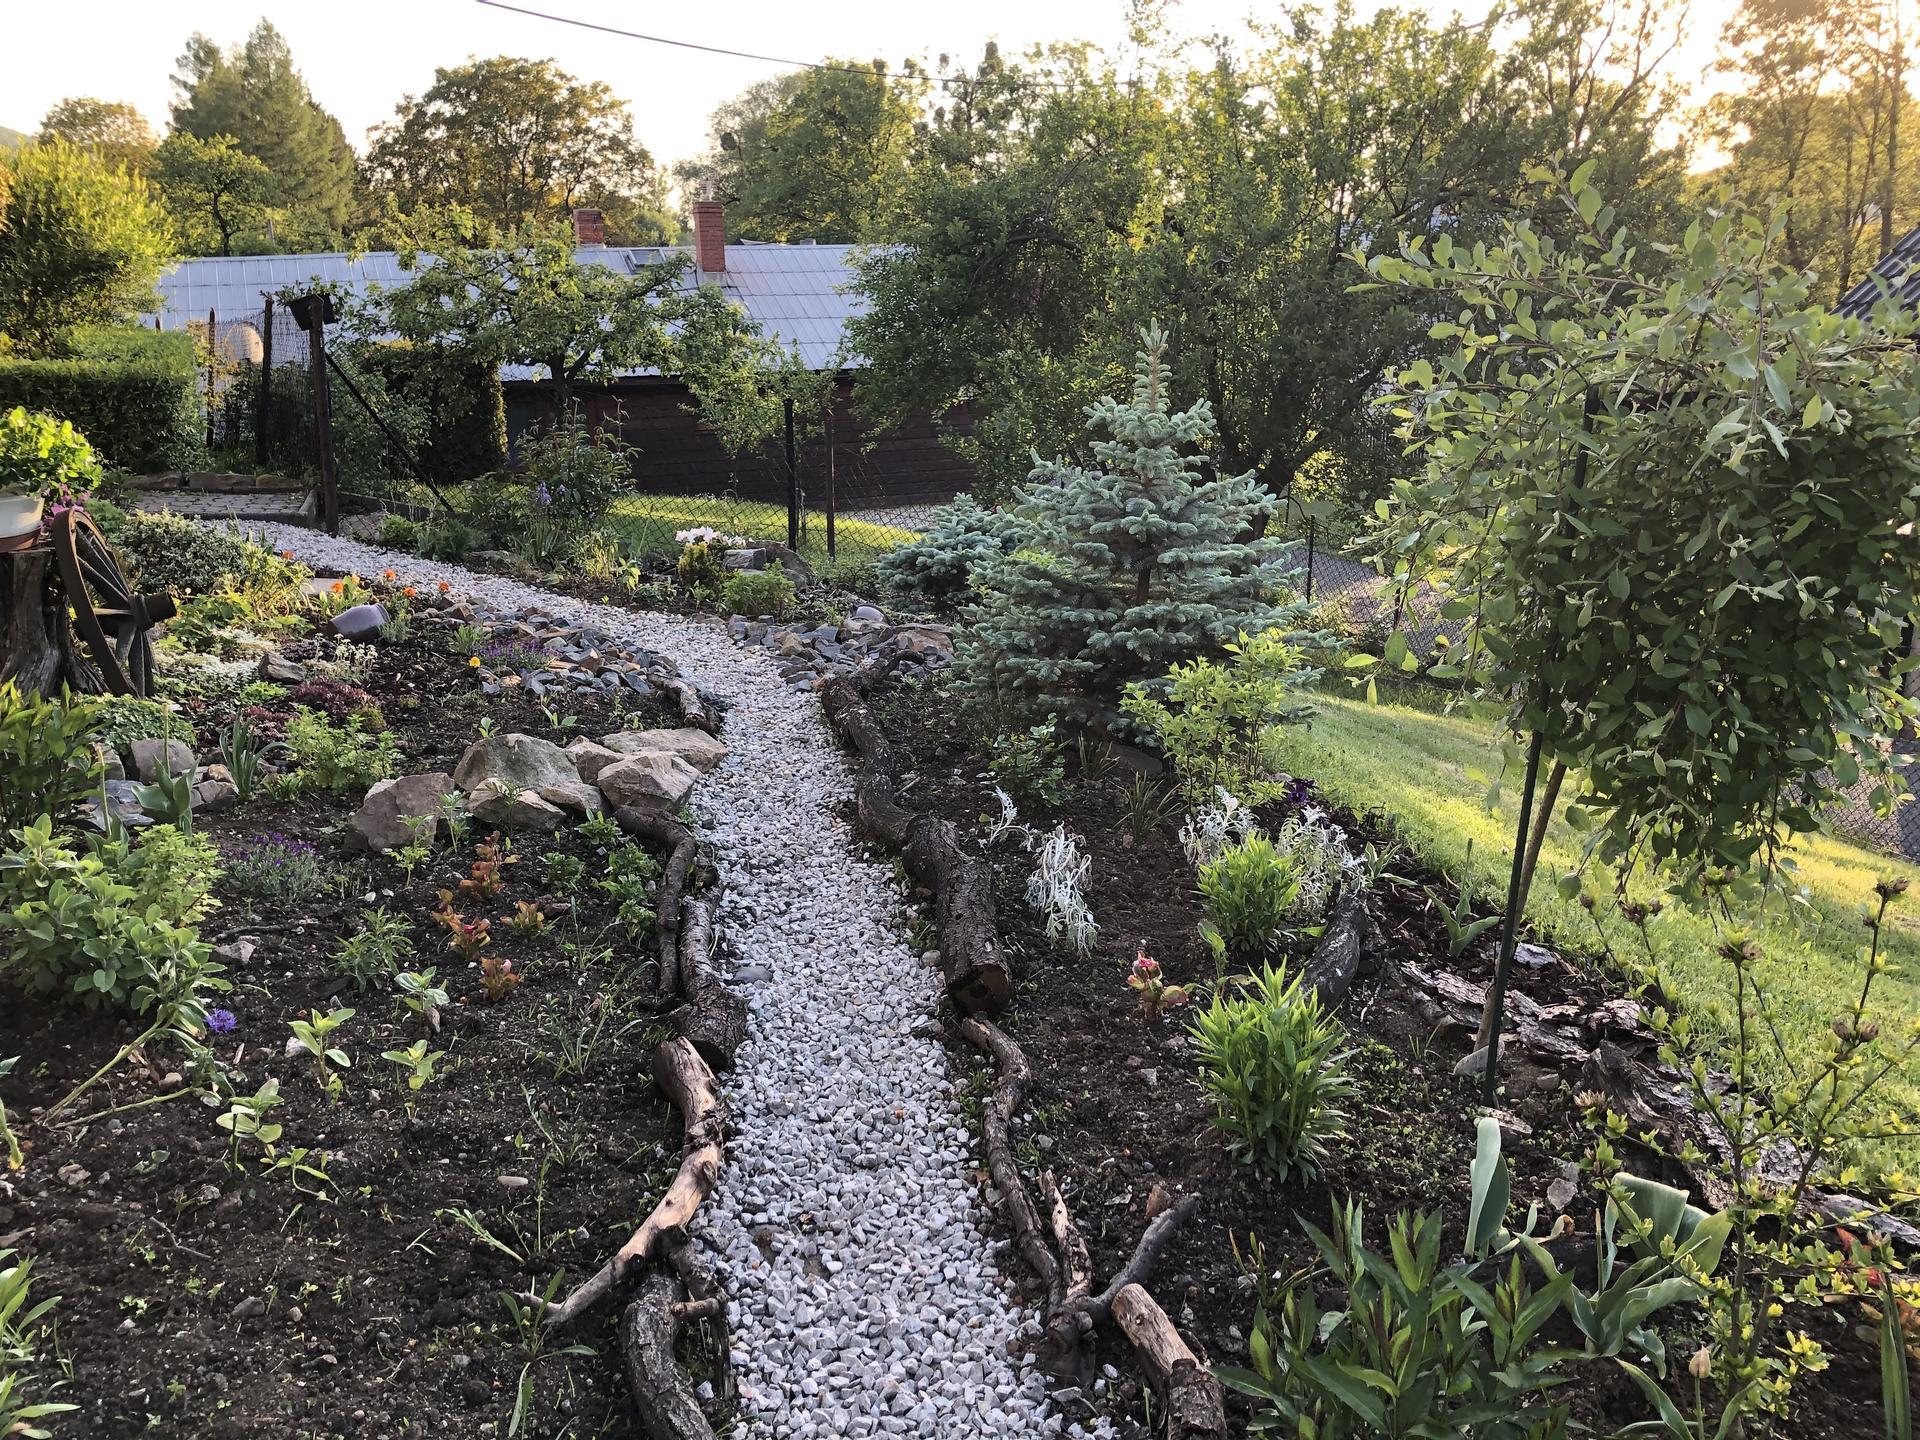 U nás doma a na zahradě 2020 - Obrázek č. 77